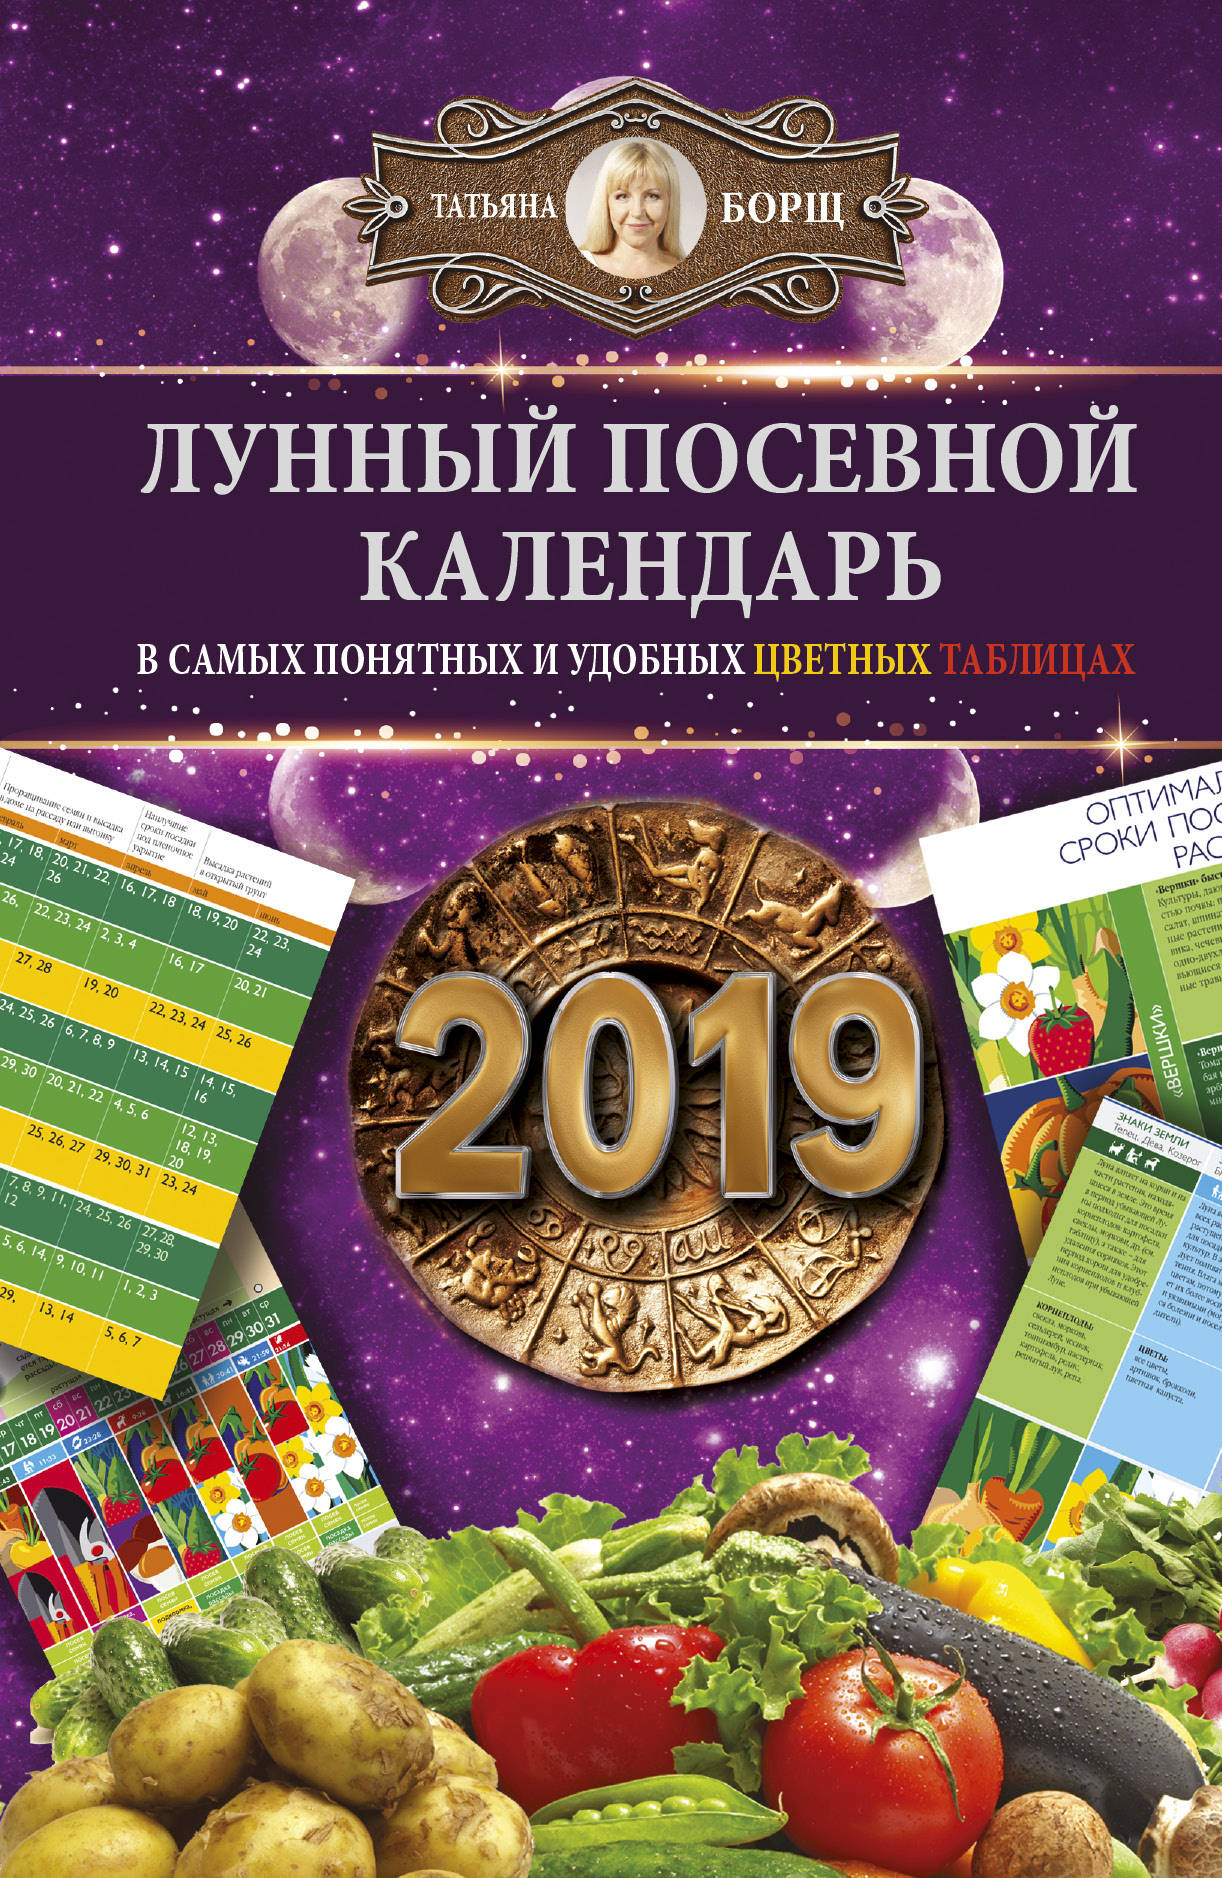 Татьяна Борщ Лунный посевной календарь в самых понятных и удобных цветных таблицах на 2019 год